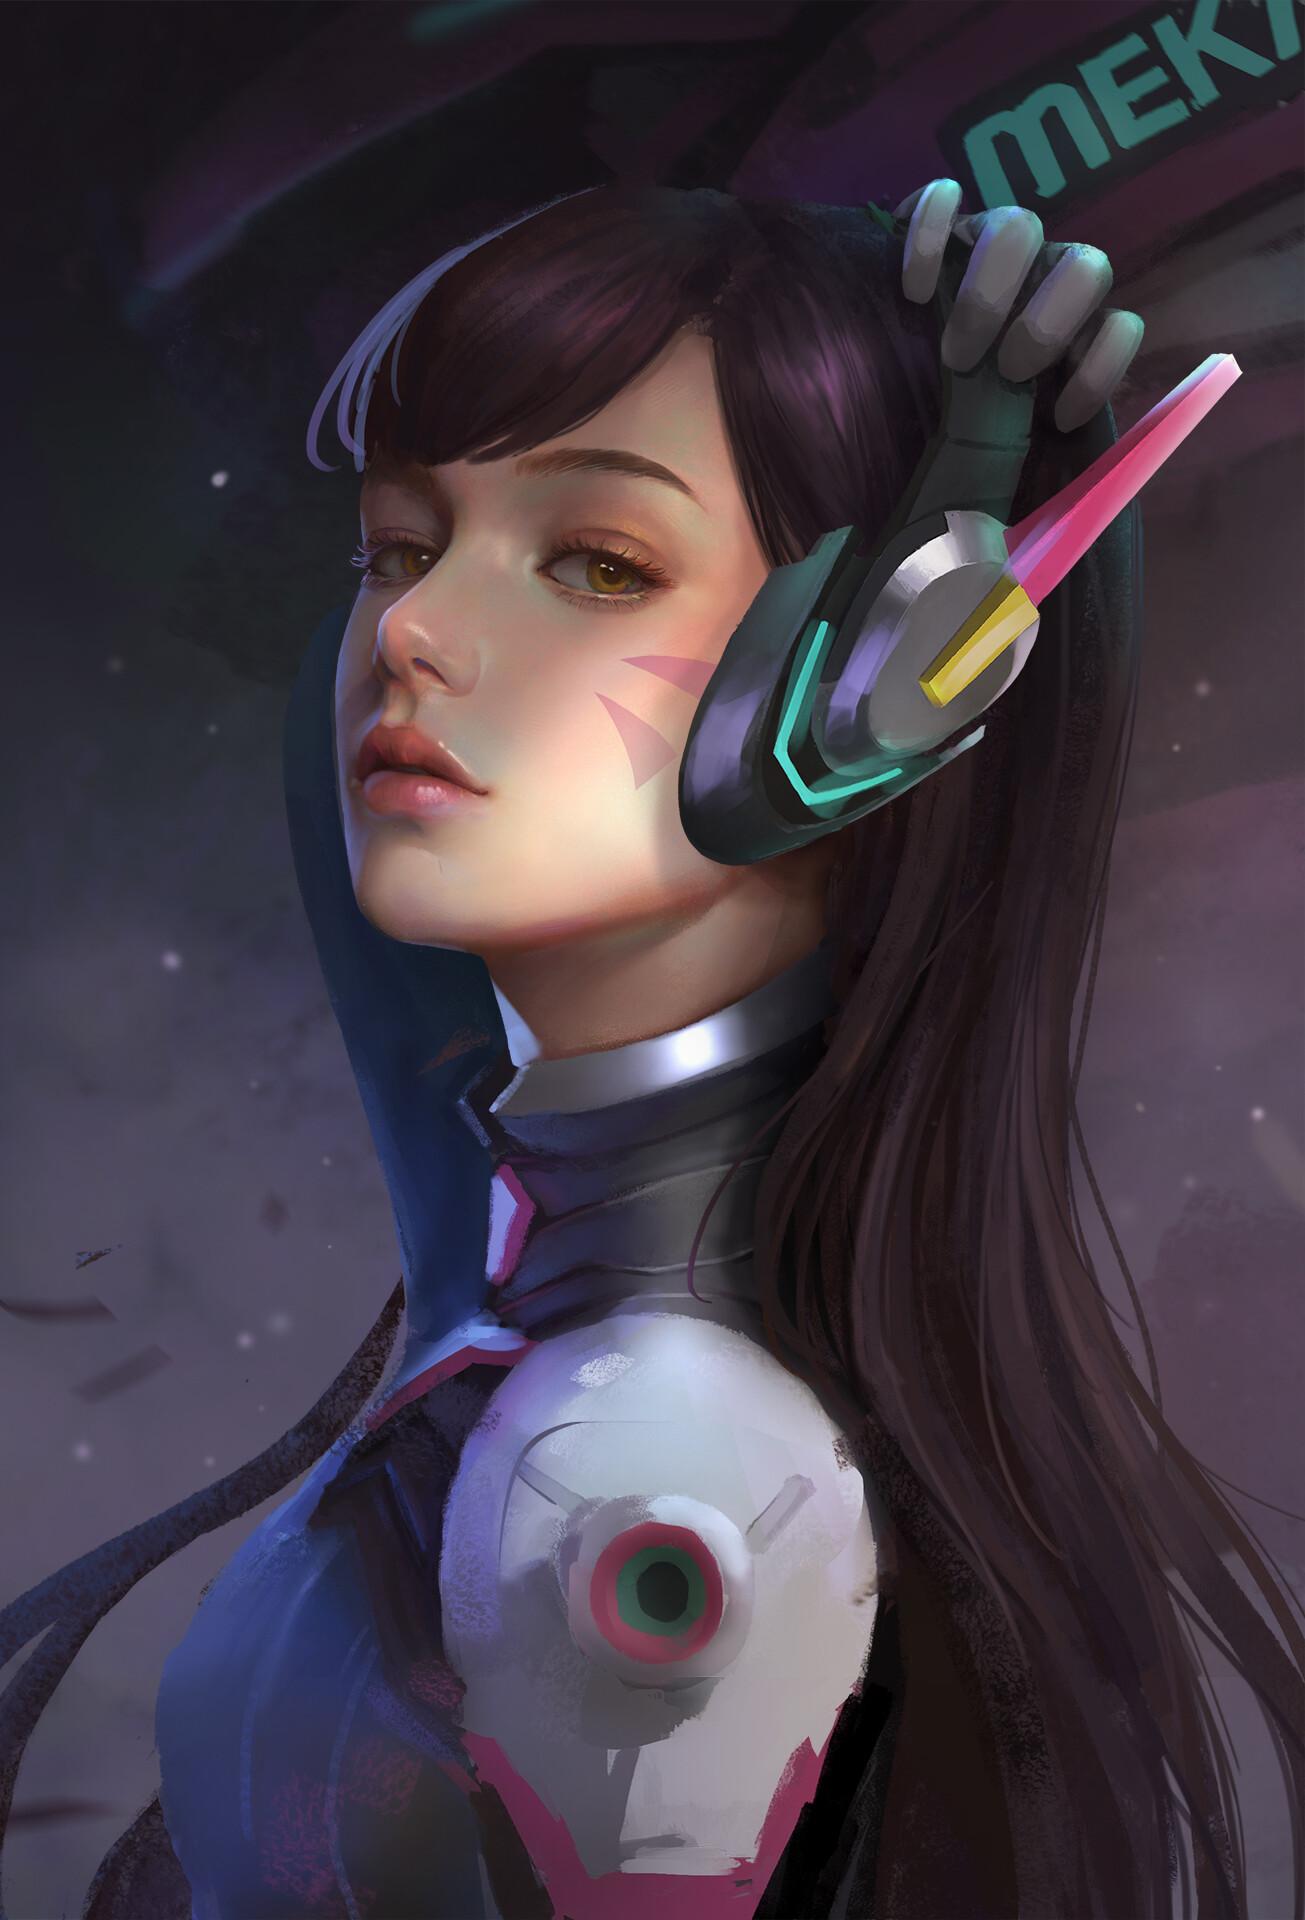 Art ID: 133252